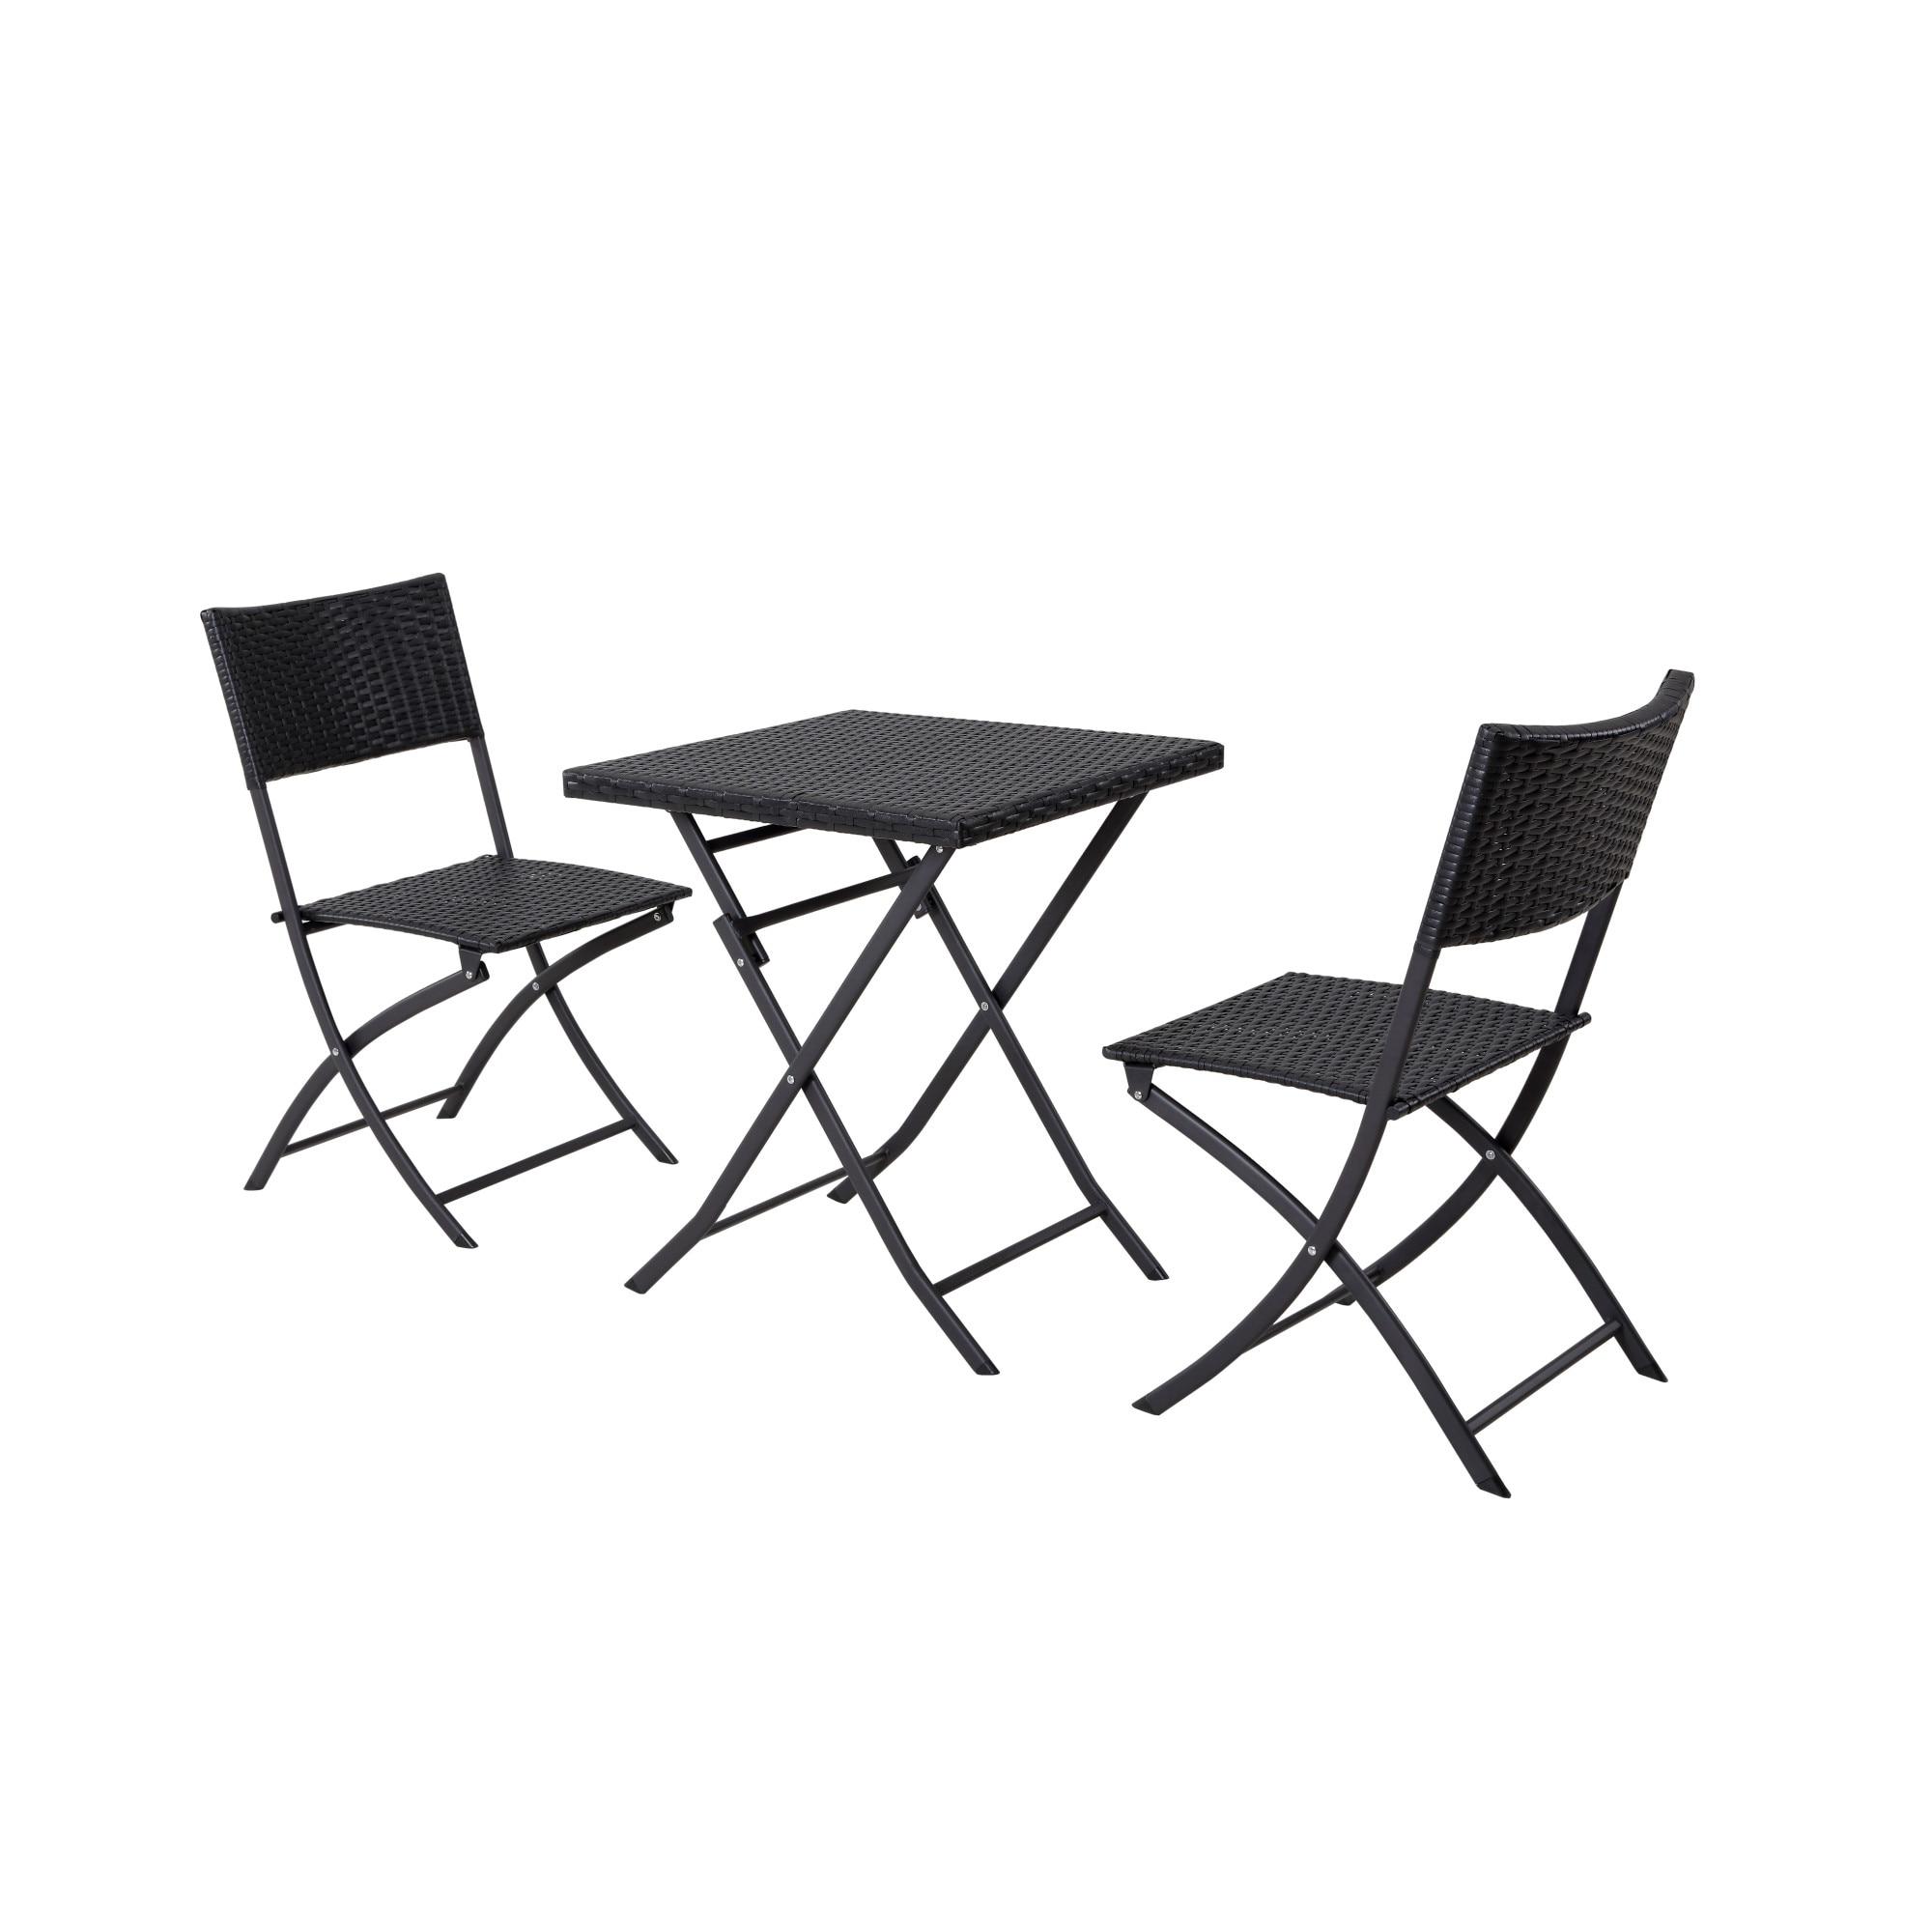 olcso 4 darabos összecsukhato kerti székek